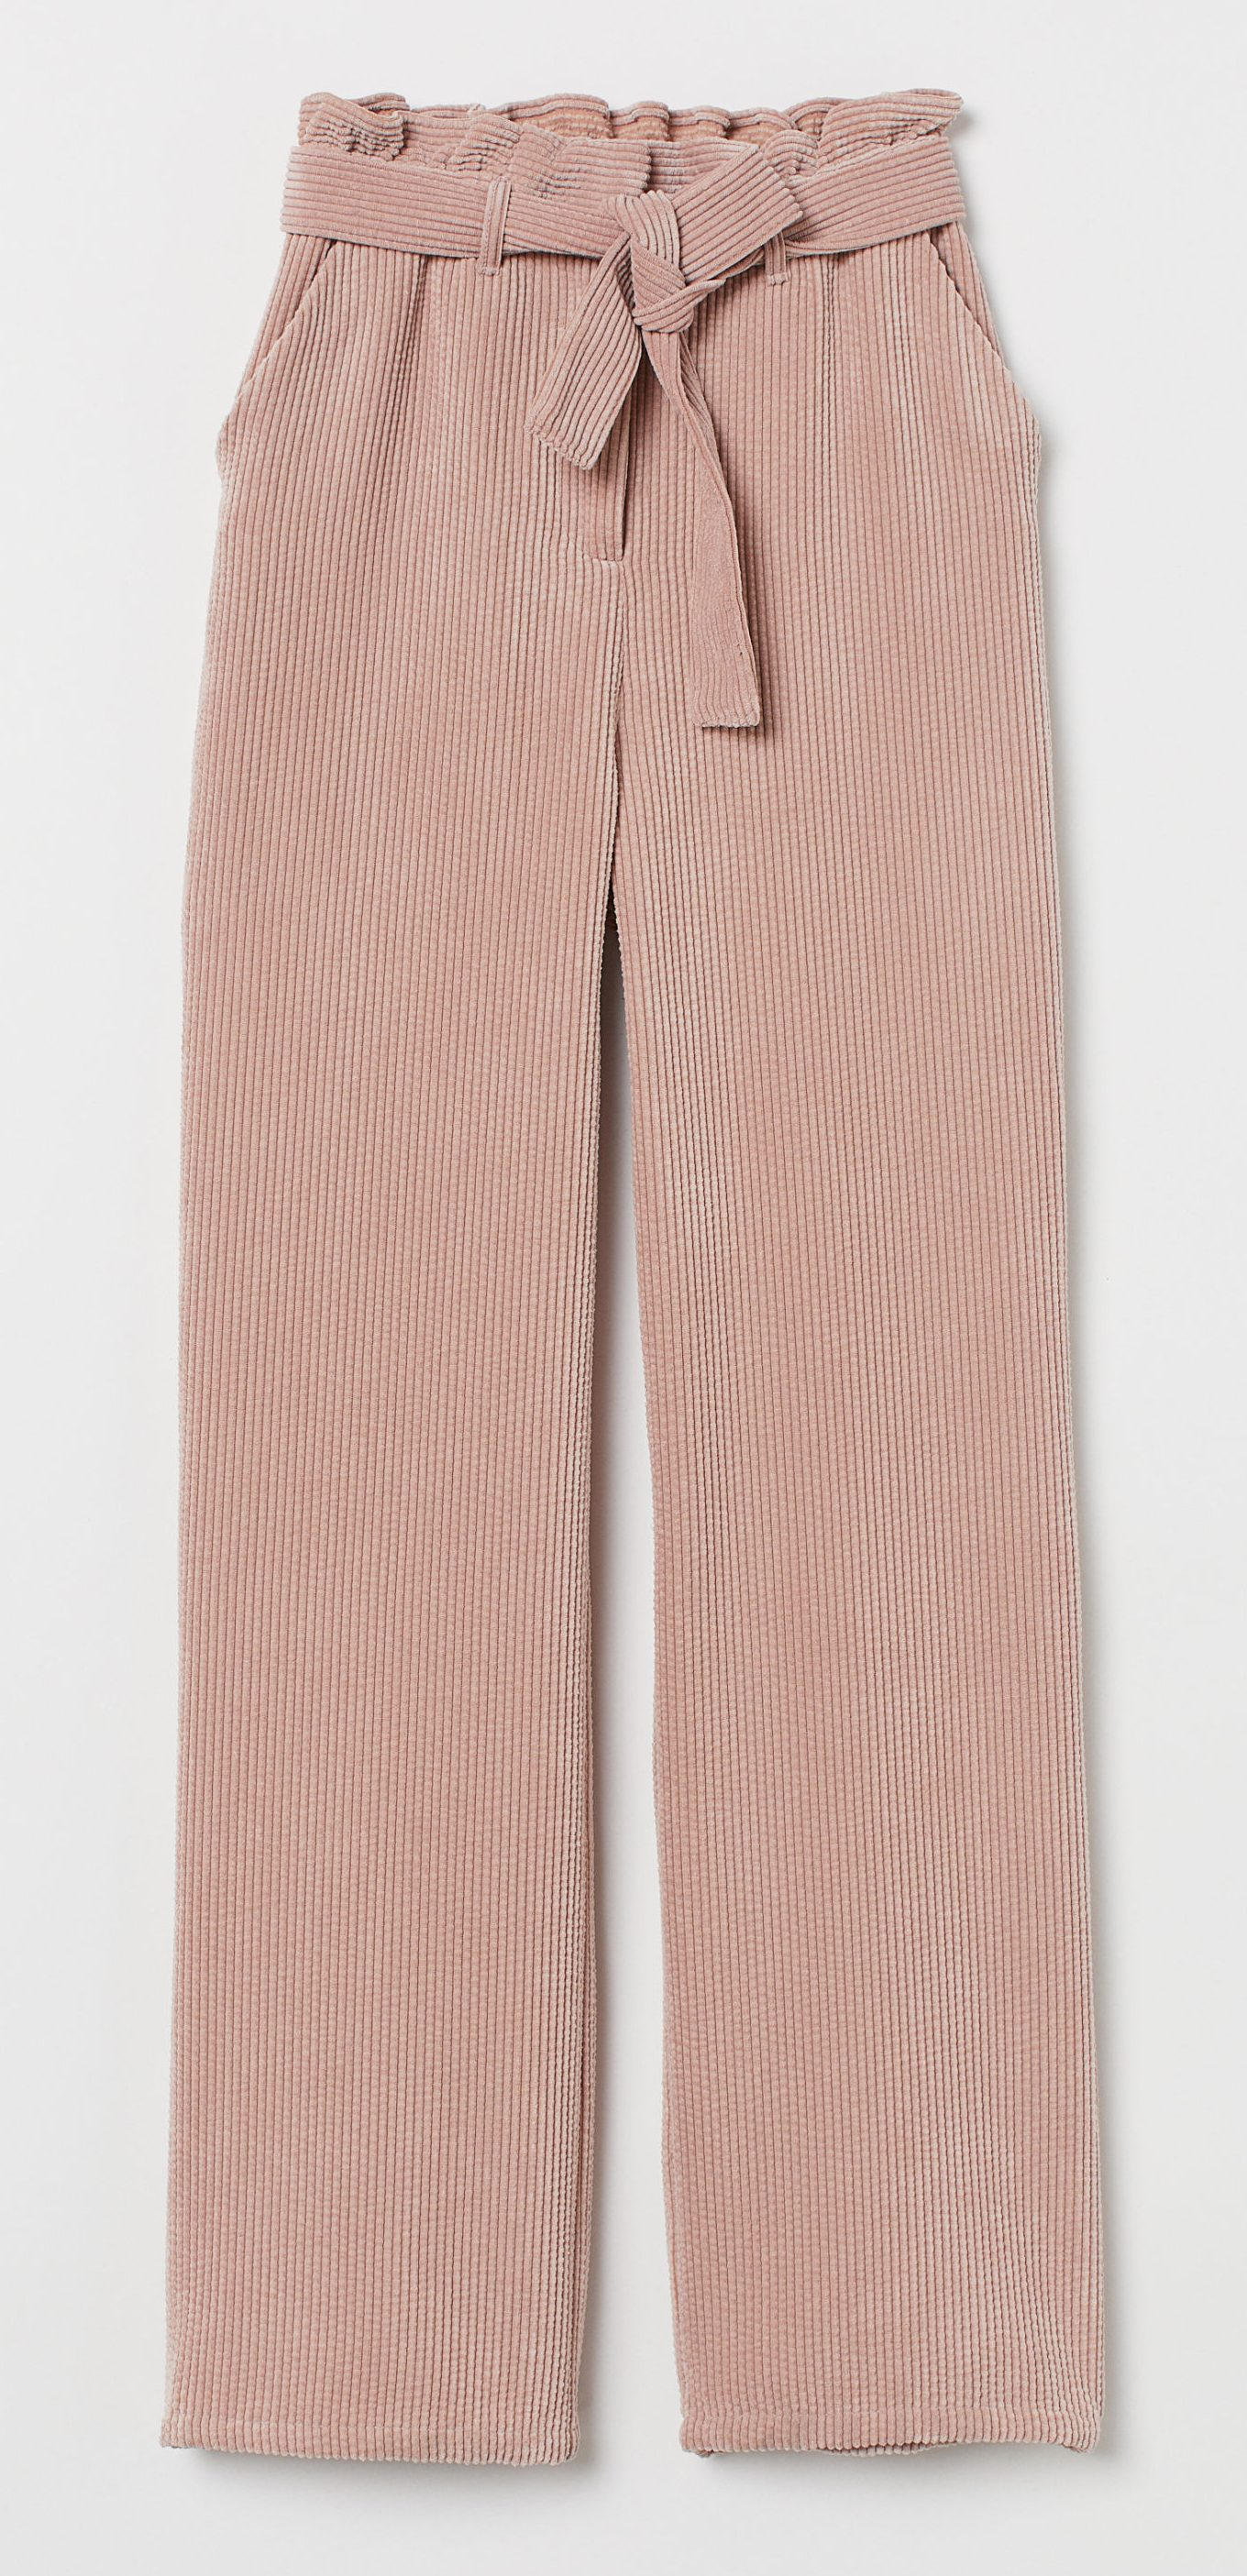 HM, lyserød, fløjl, fløjlsbukser. Foto: HM